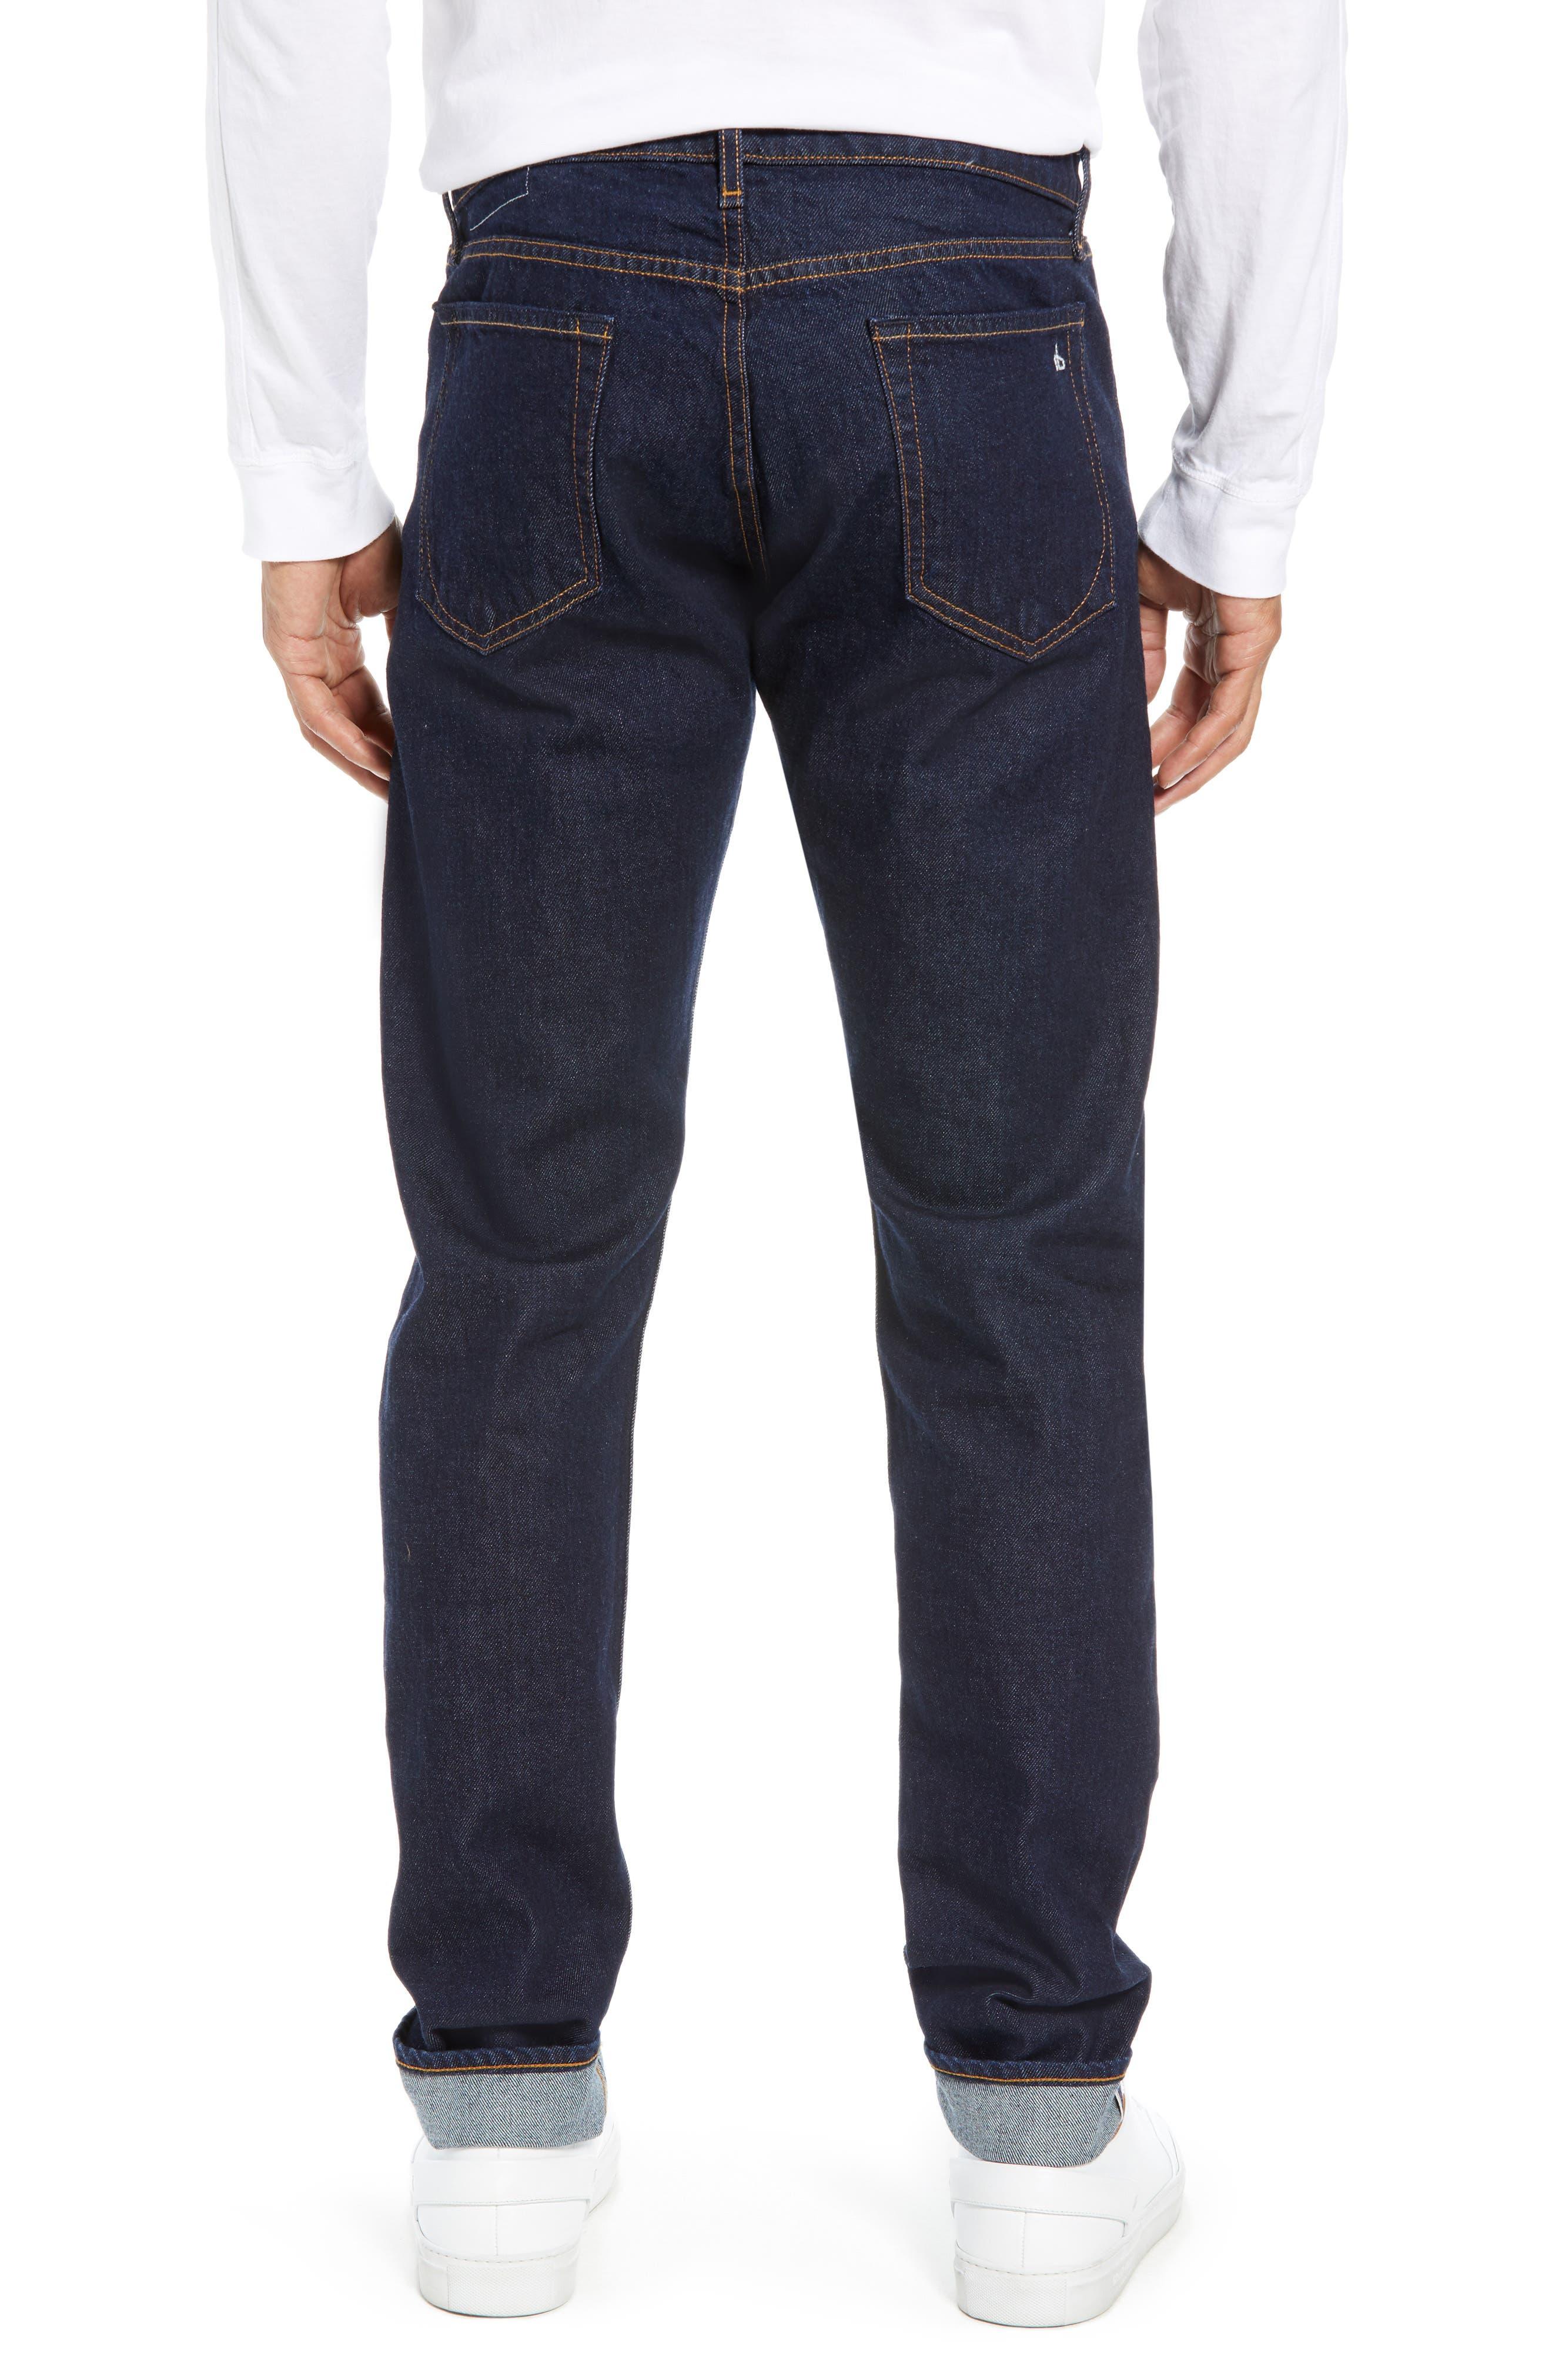 Fit 2 Slim Fit Jeans,                             Alternate thumbnail 2, color,                             420